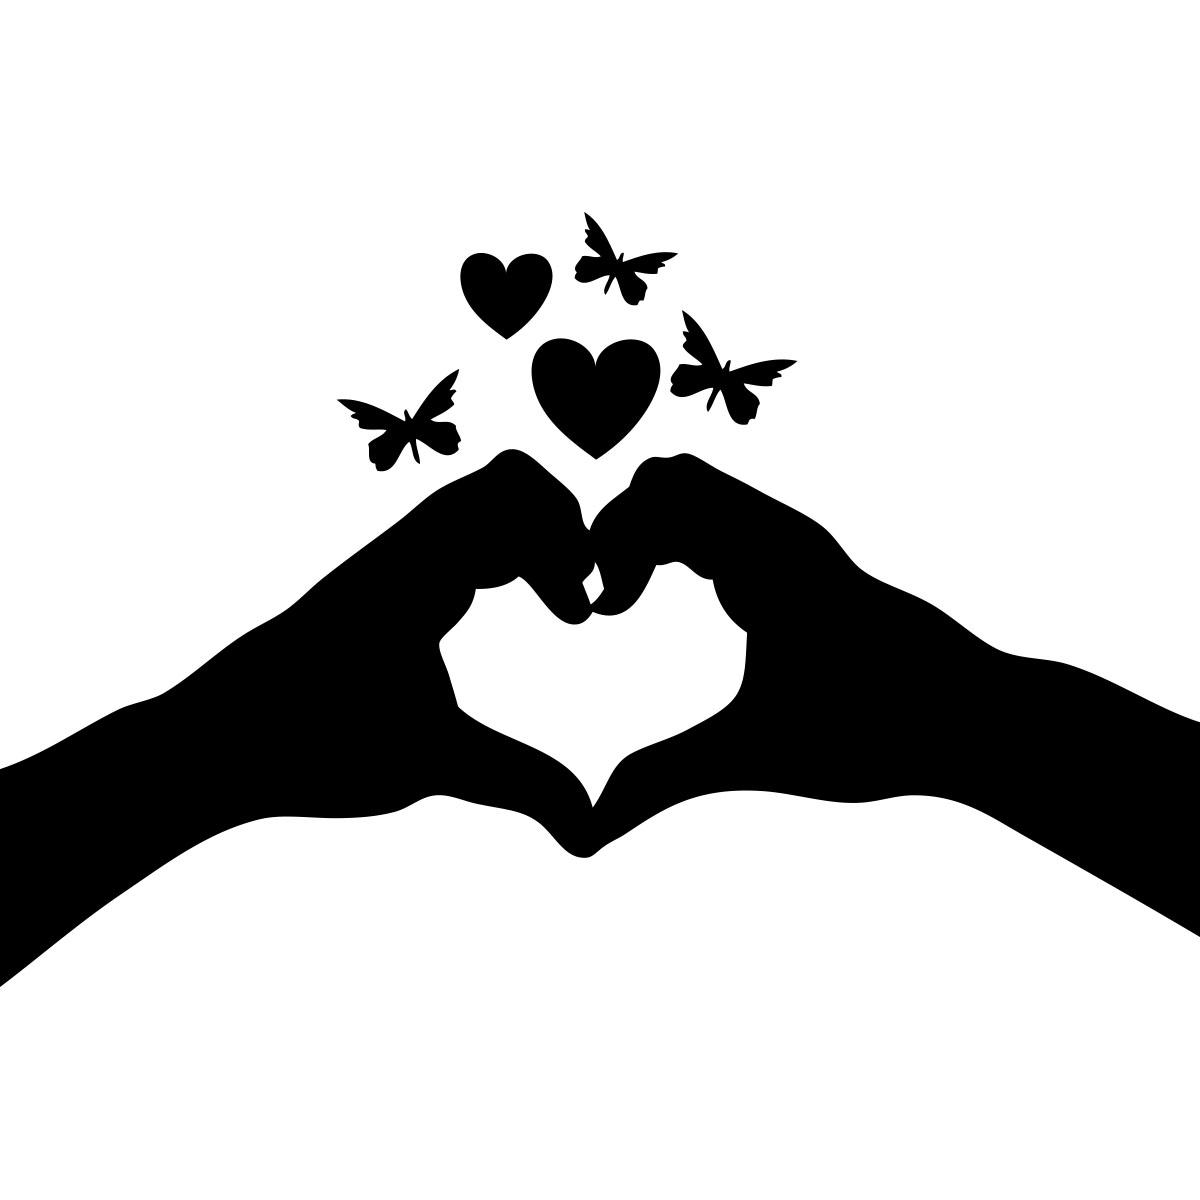 Sticker Mains de forme coeur et papillons  Mini stickers Animaux  ambiancesticker